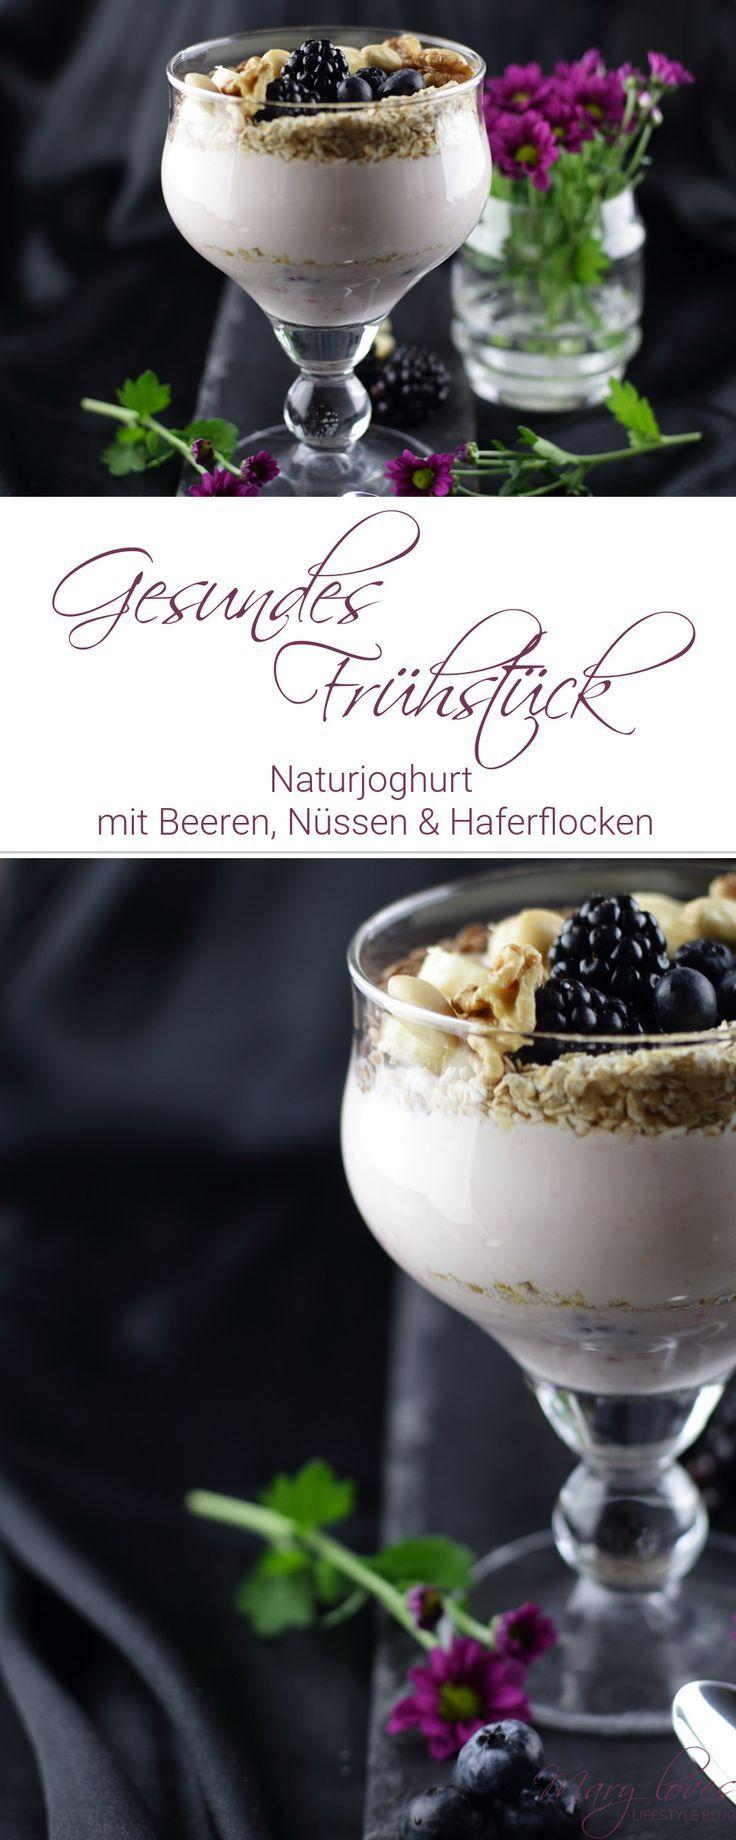 Gesundes Frühstück – Naturjoghurt mit Beeren und viel Energie – #fr …  – Deutschsprachige Elternblogger {Das Leben mit Kindern}